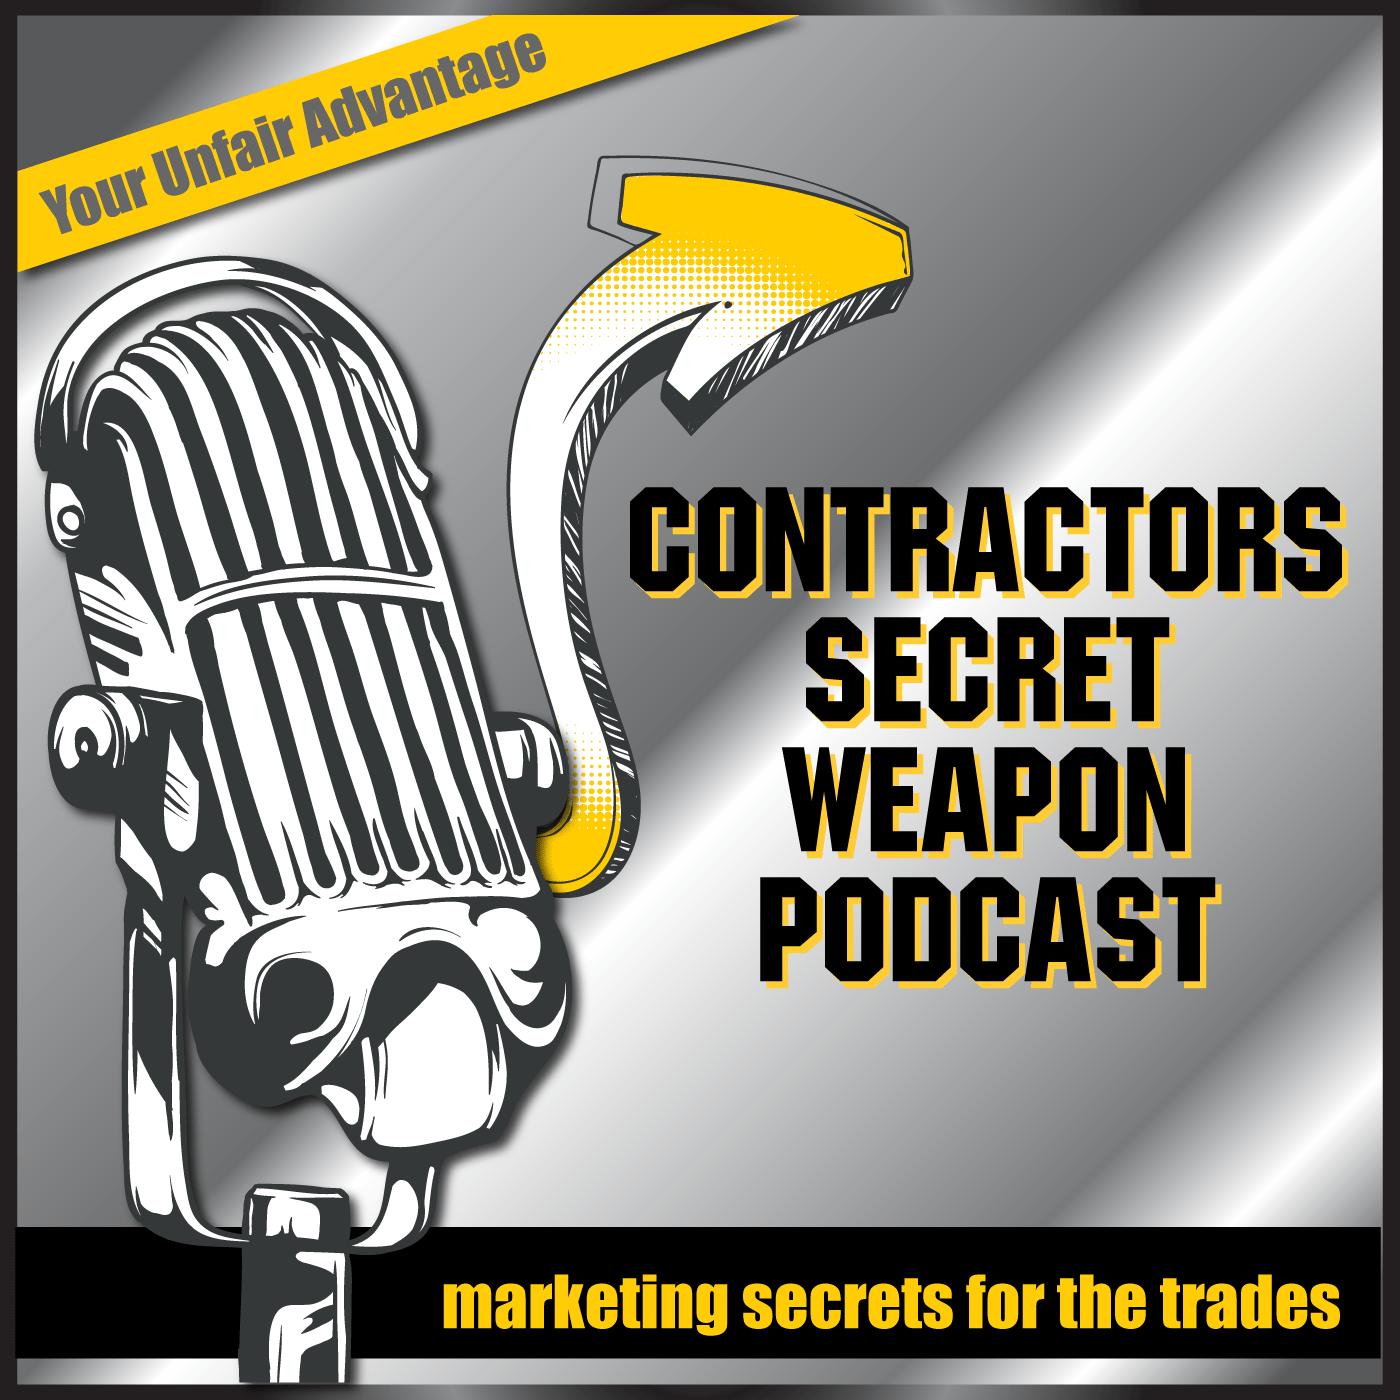 Contractors Secret Weapon Podcast logo